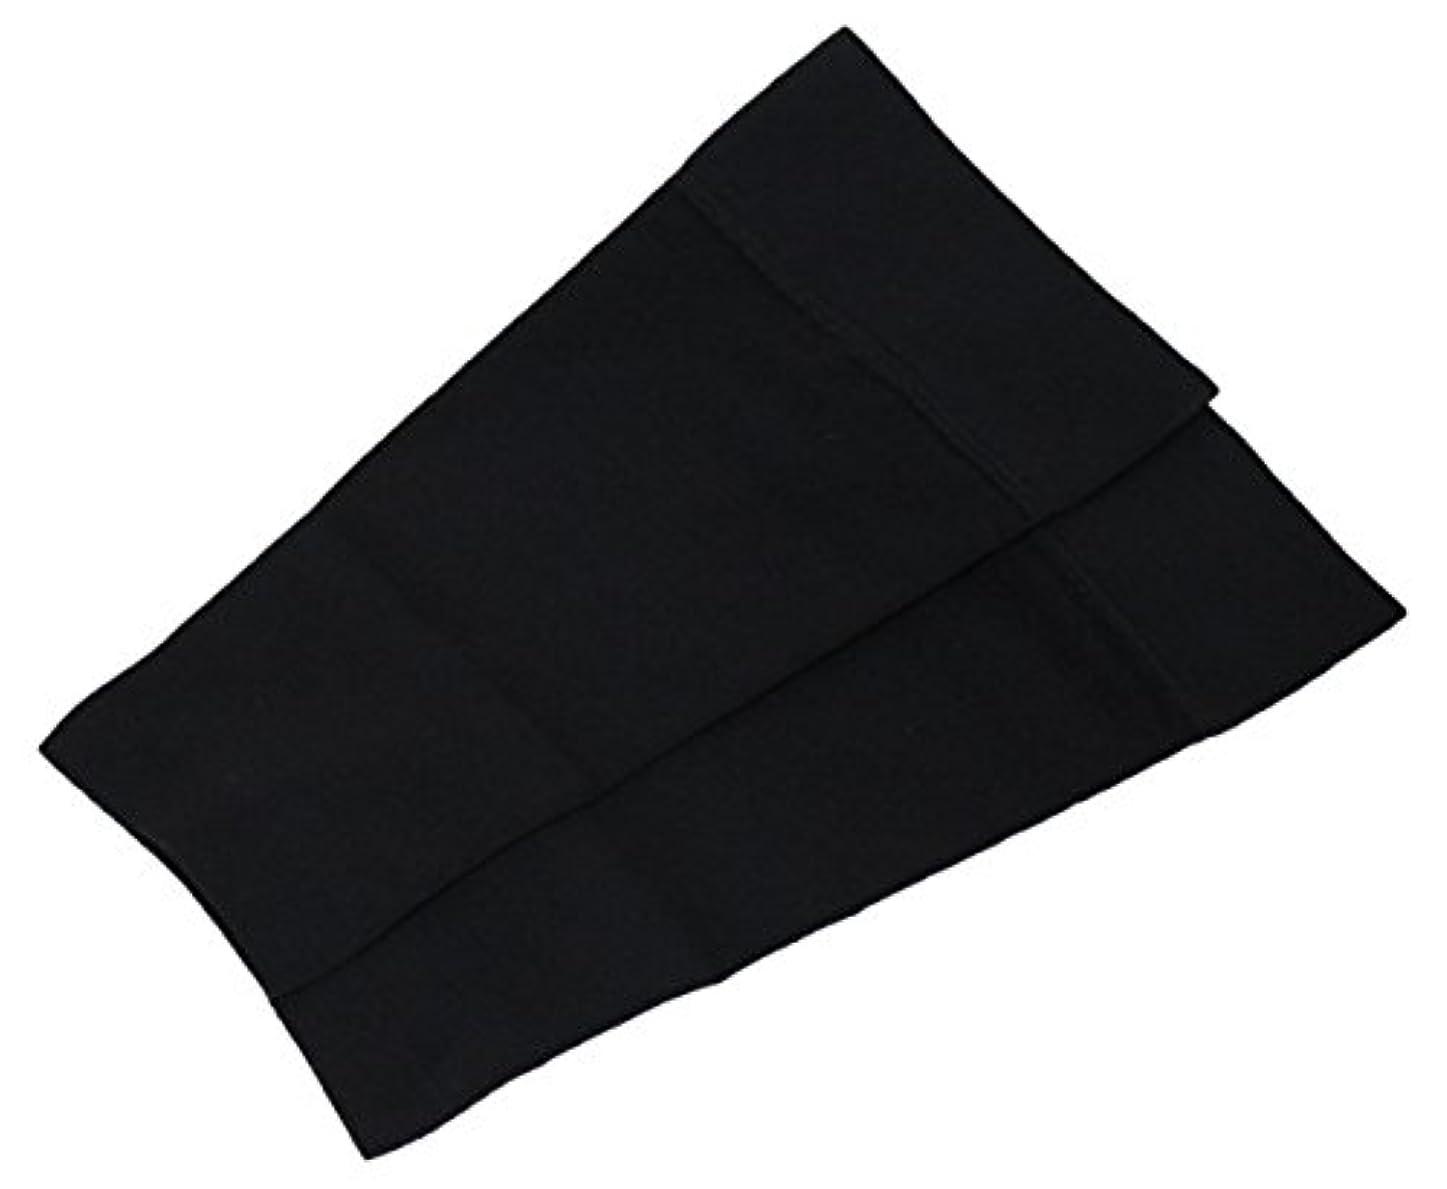 下に松文明化するギロファ?ふくらはぎサポーター?メモリー02 ブラック Sサイズ